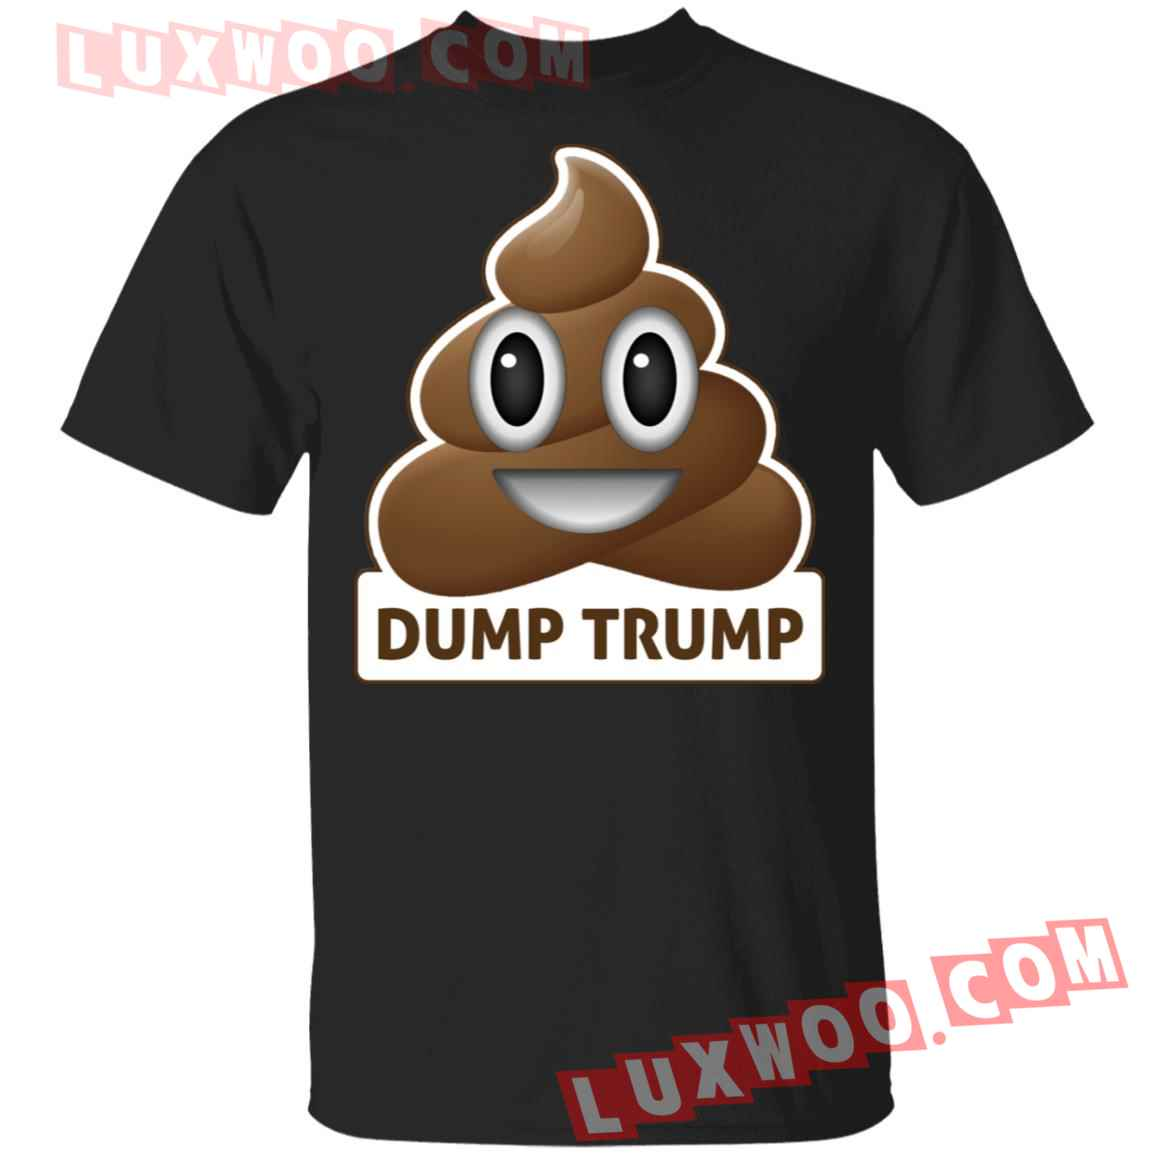 Dump Trump Poop Shirt